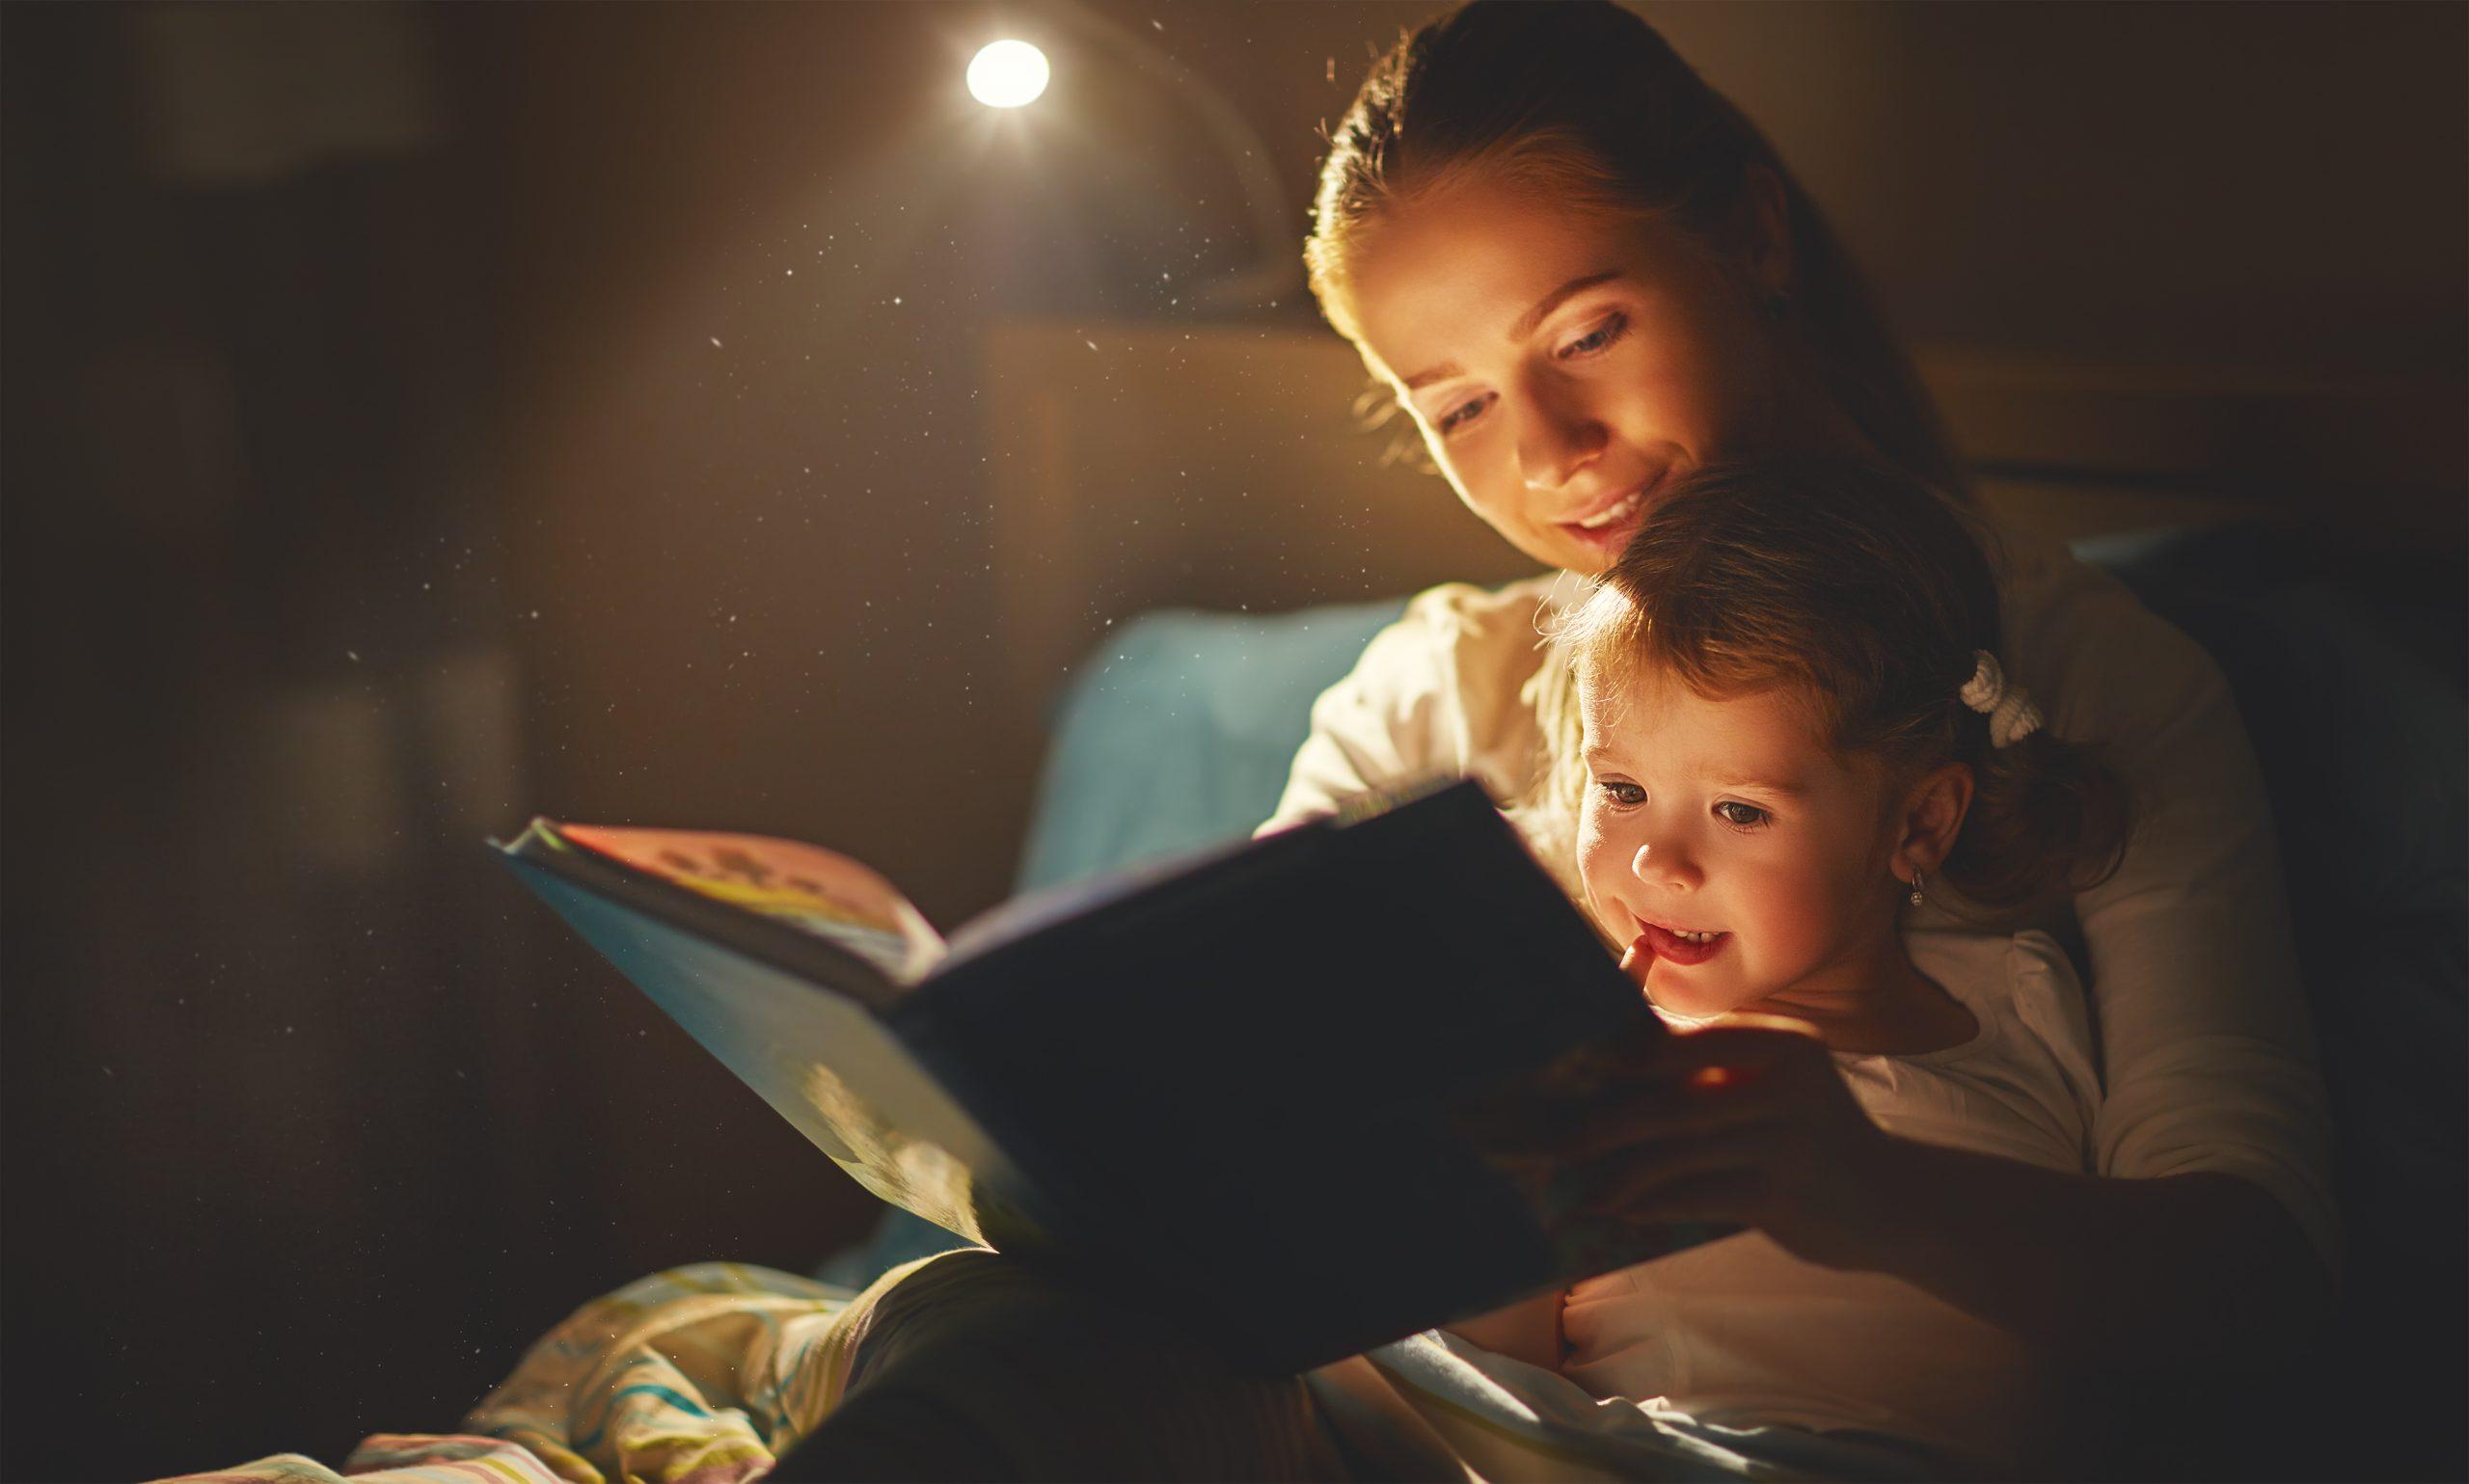 Παιδιά -Ύπνος: Διαβάστε ένα παραμύθι για καληνύχτα